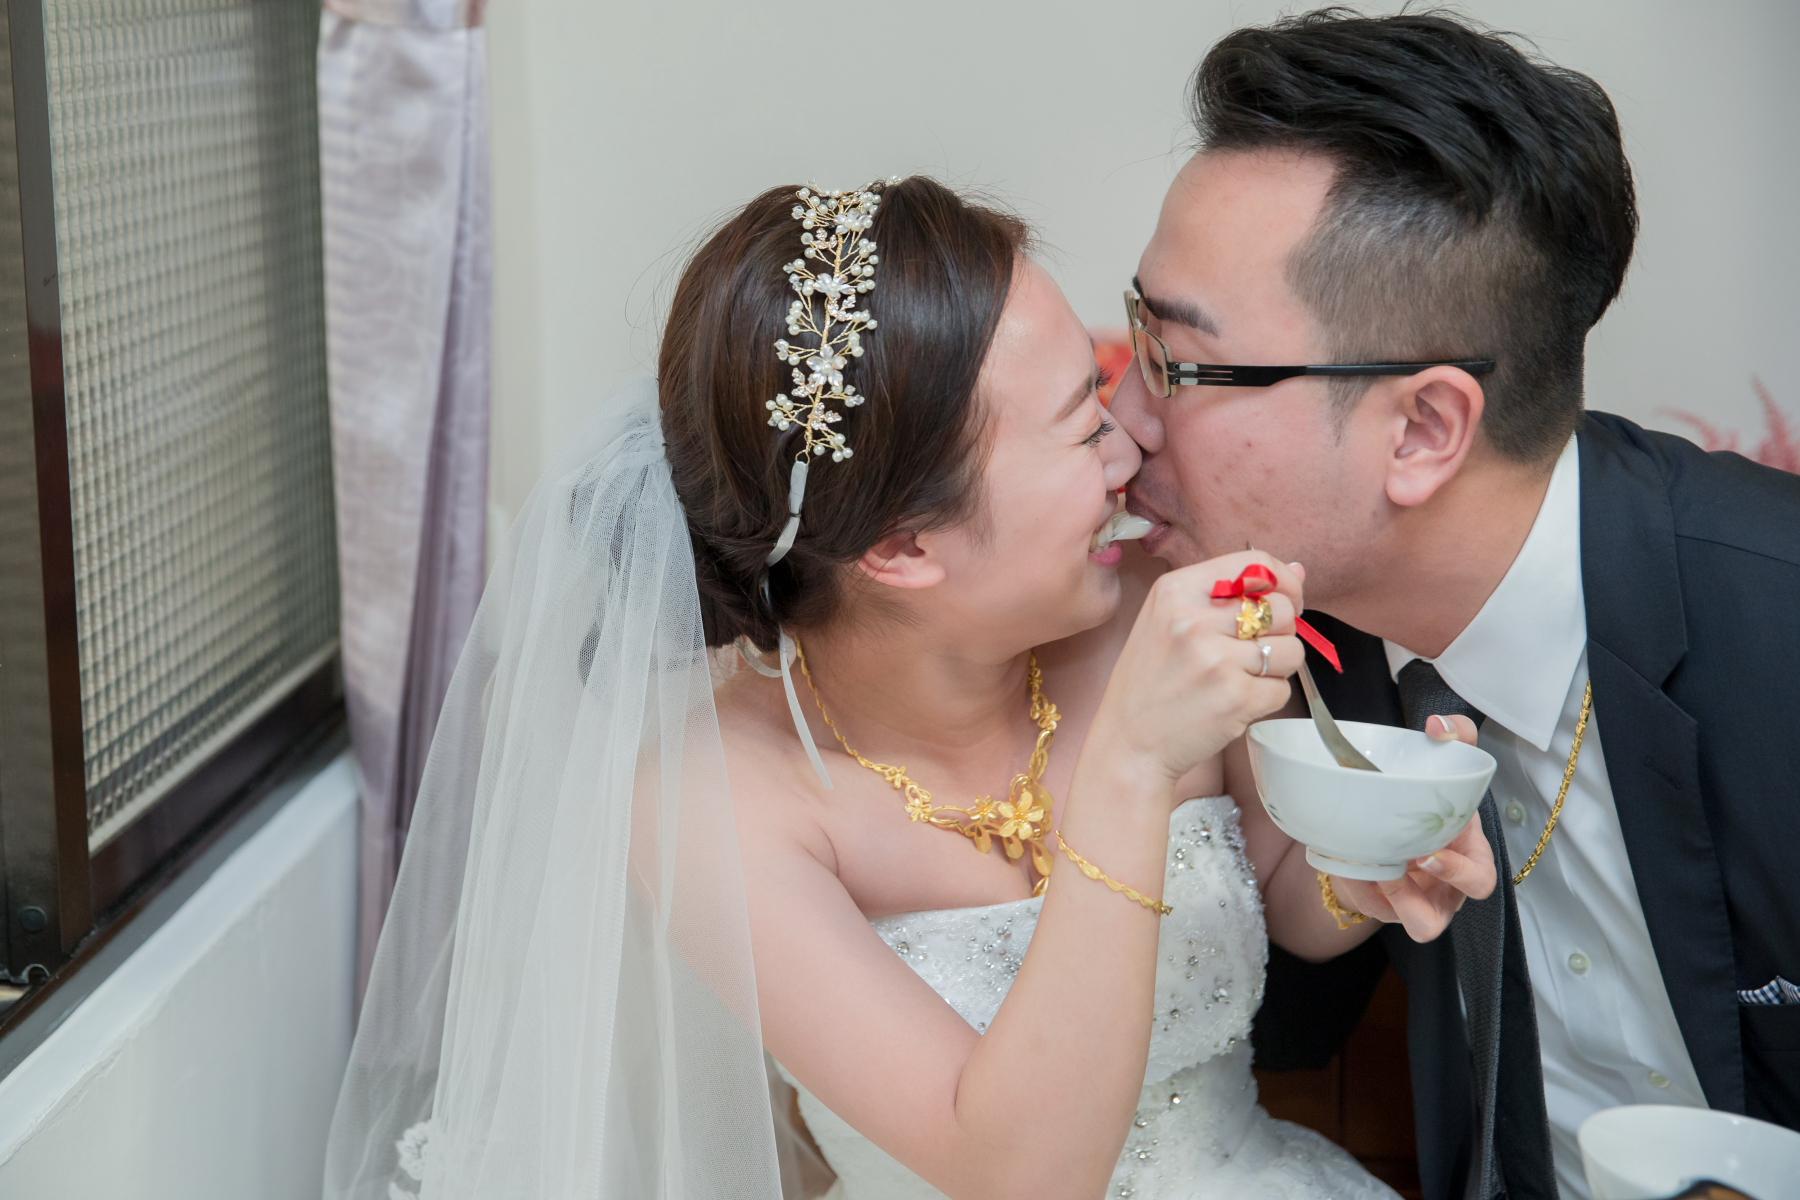 鴻璿鈺婷婚禮416